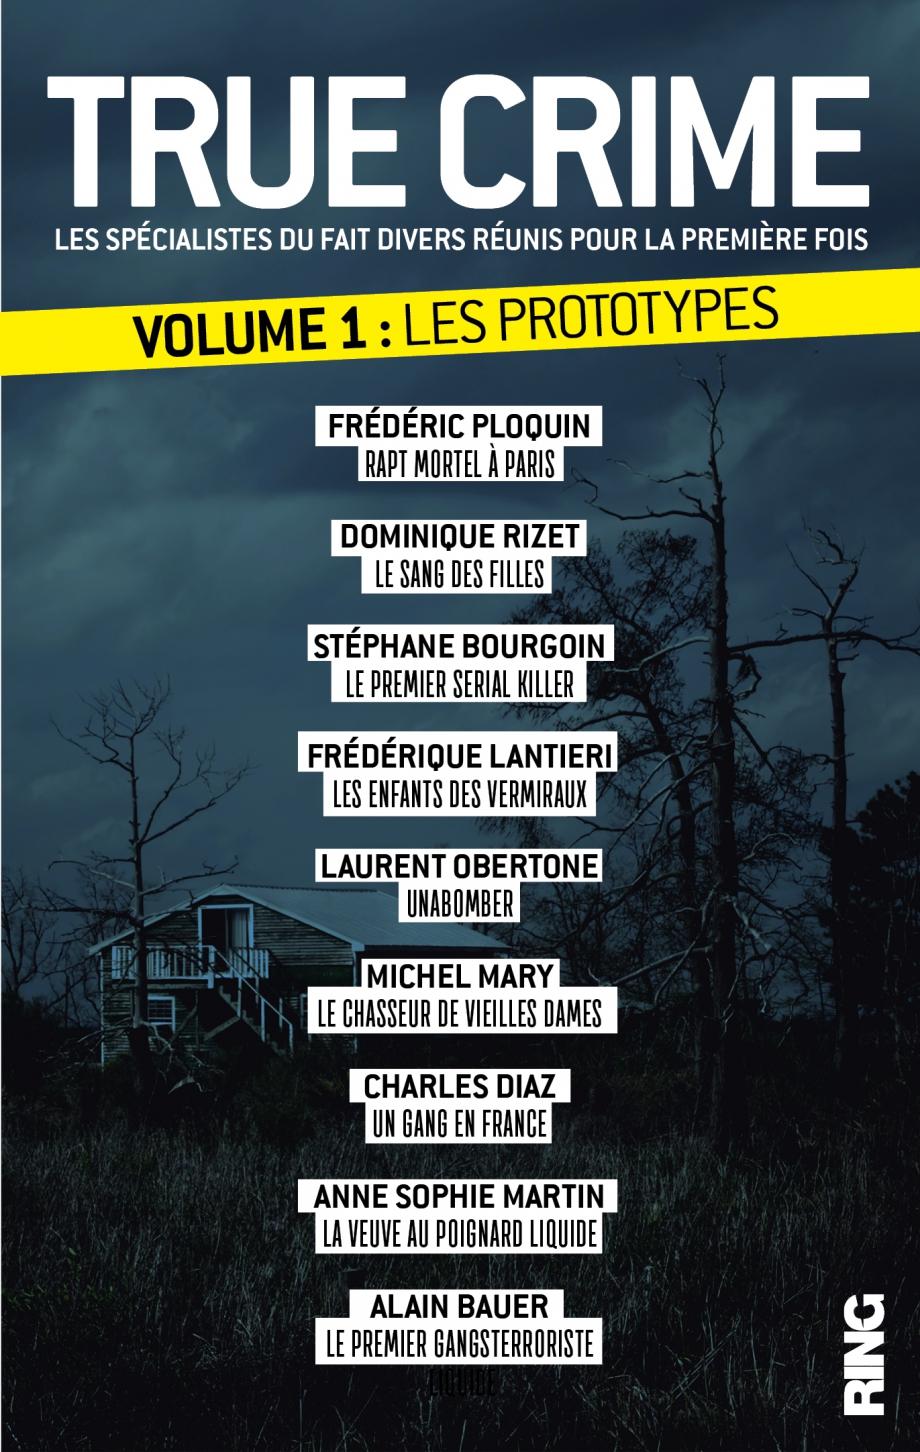 TRUE CRIME#1 Les prototypes. La couverture du livre